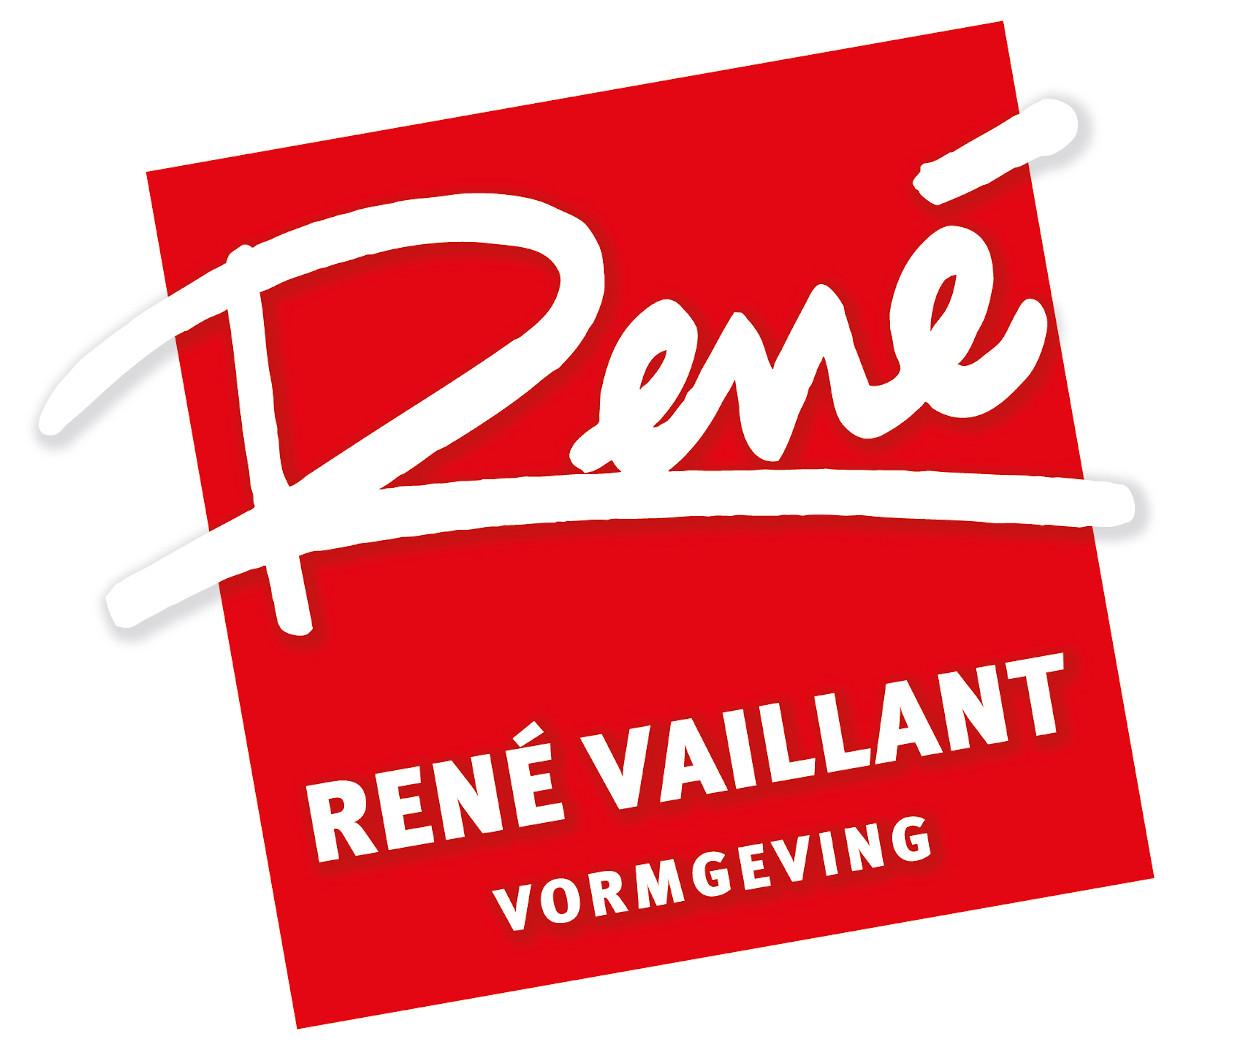 René Vaillant Vormgeving